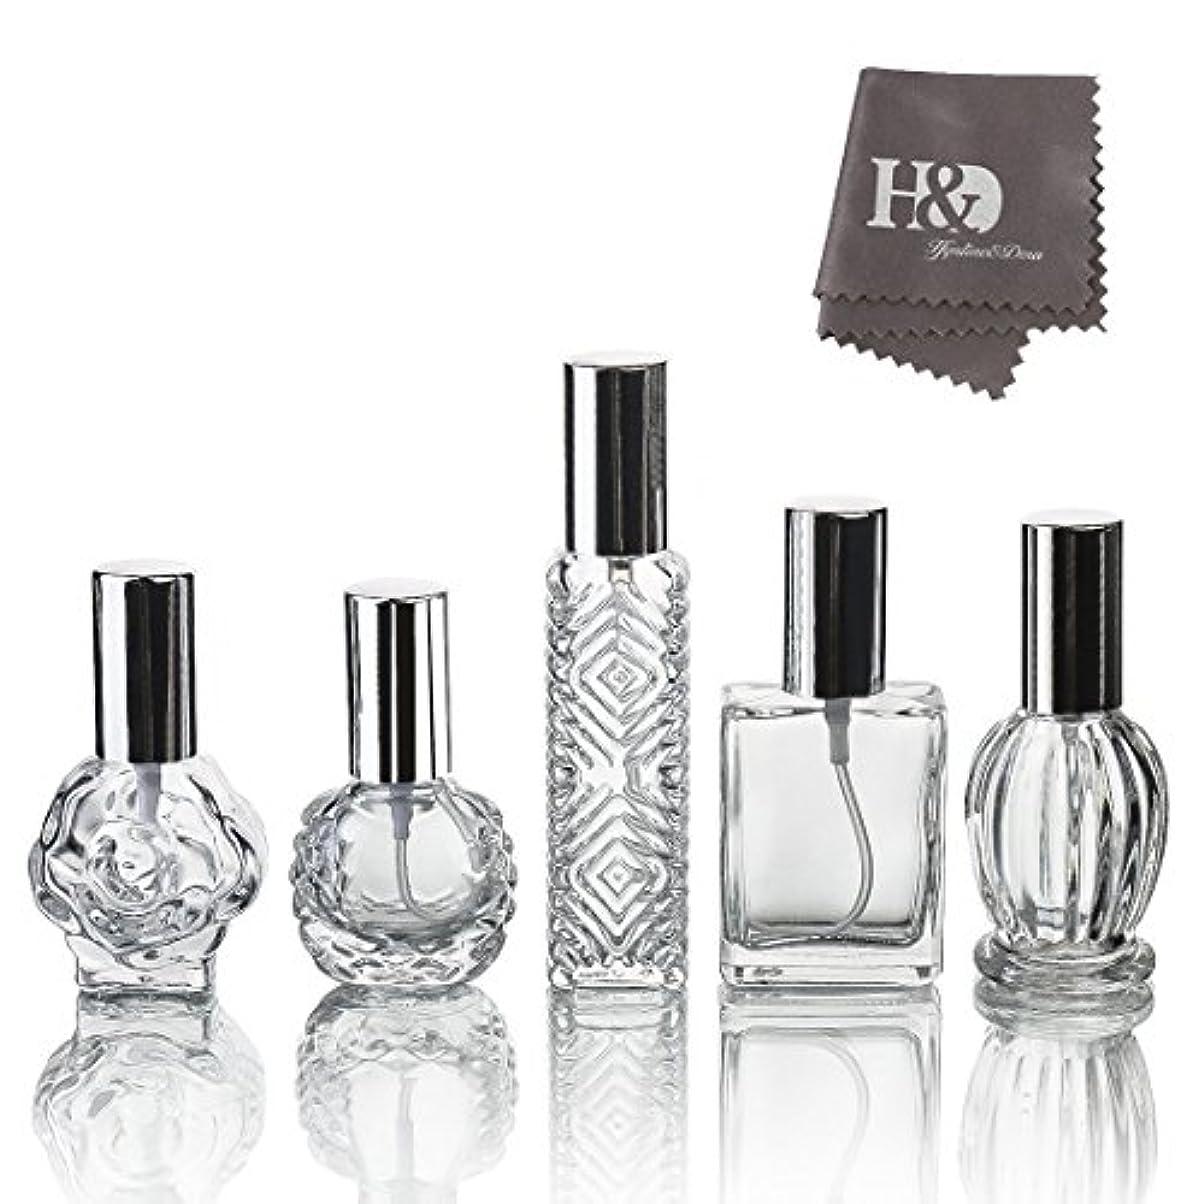 呼ぶ変動するプロフィールH&D 5枚セット ガラスボトル 香水瓶 詰替用瓶 分け瓶 旅行用品 化粧水用瓶 装飾雑貨 ガラス製 (2)